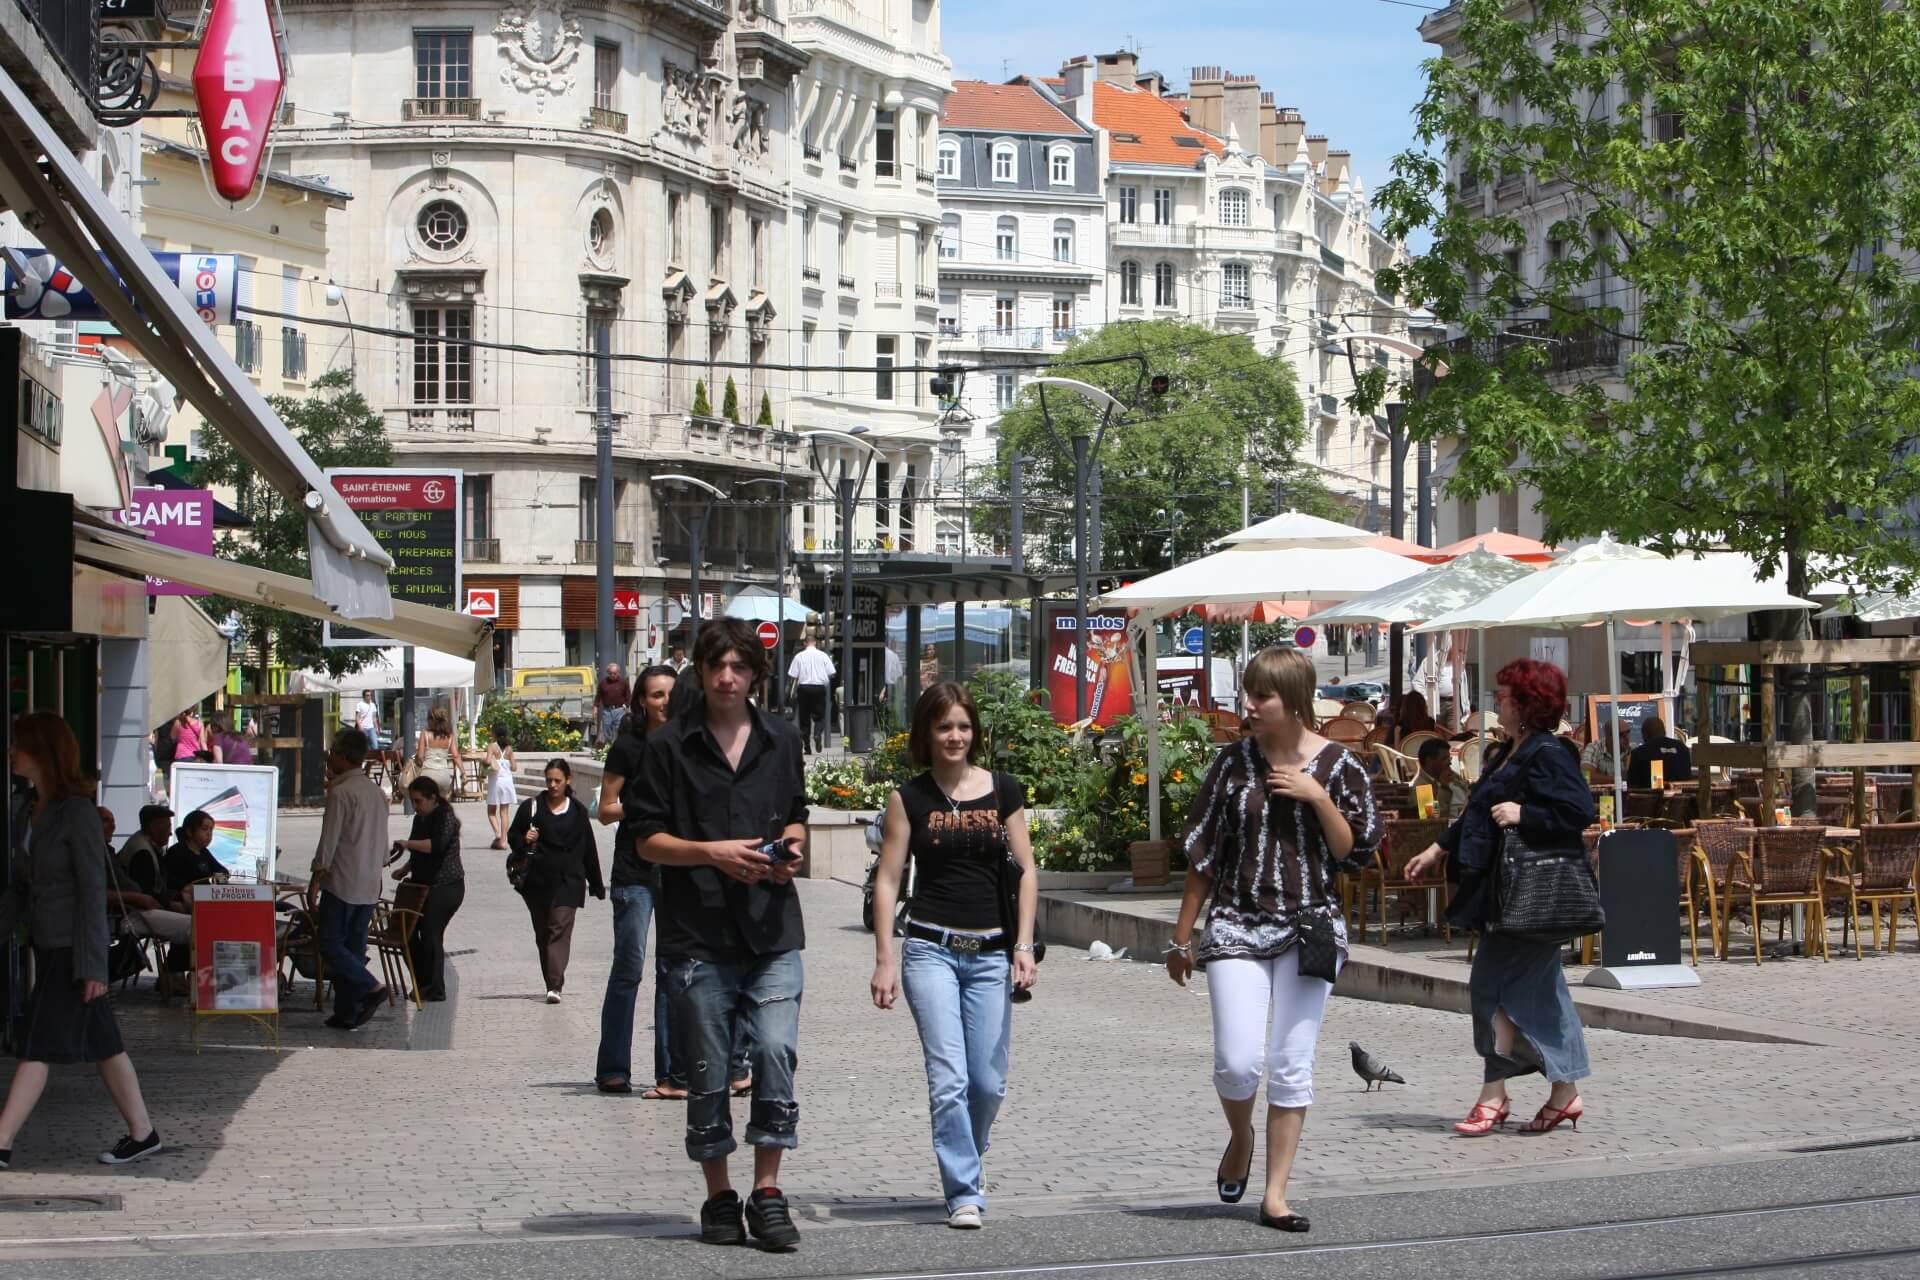 Saint Etienne centre ville passants batiments